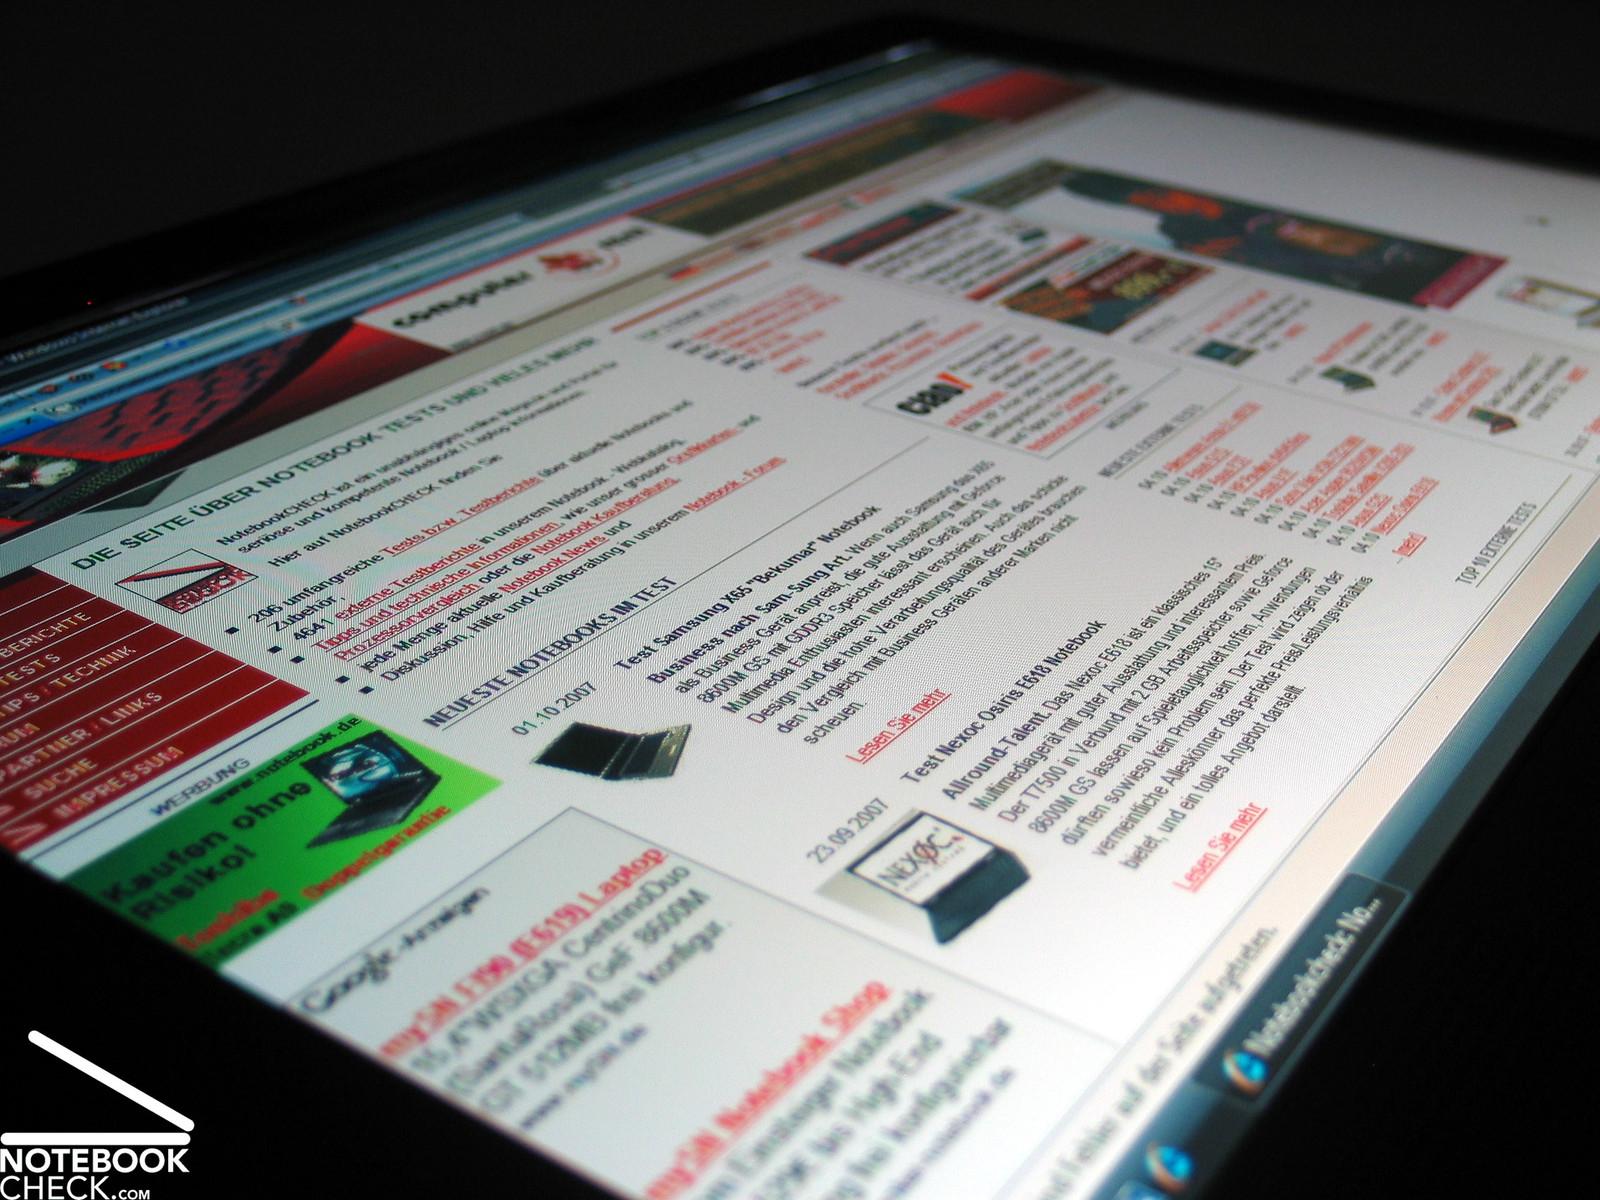 Sony Vaio VGN-AR Series - Notebookcheck.net External Reviews